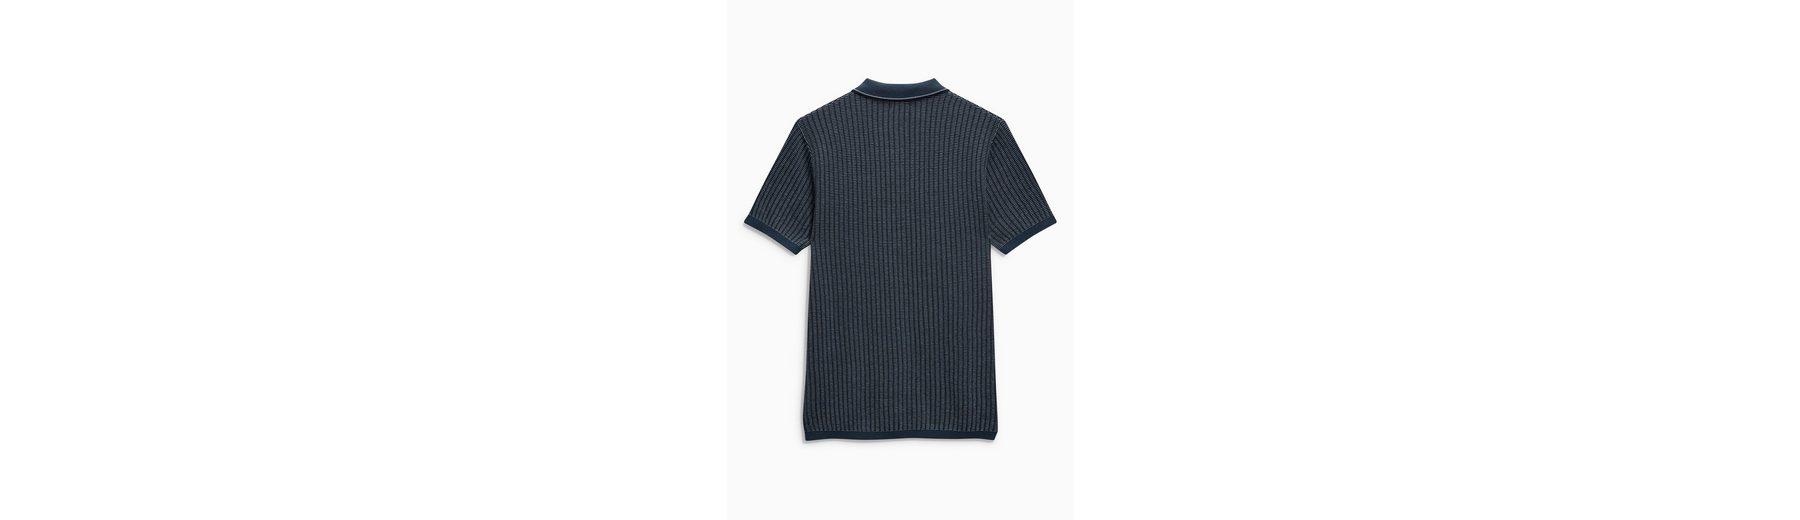 Billig Verkauf Mit Mastercard Next Strukturiertes Poloshirt Online Billigsten 2018 Unisex Zum Verkauf Spielraum Versorgung Verkauf Mode-Stil bw77C